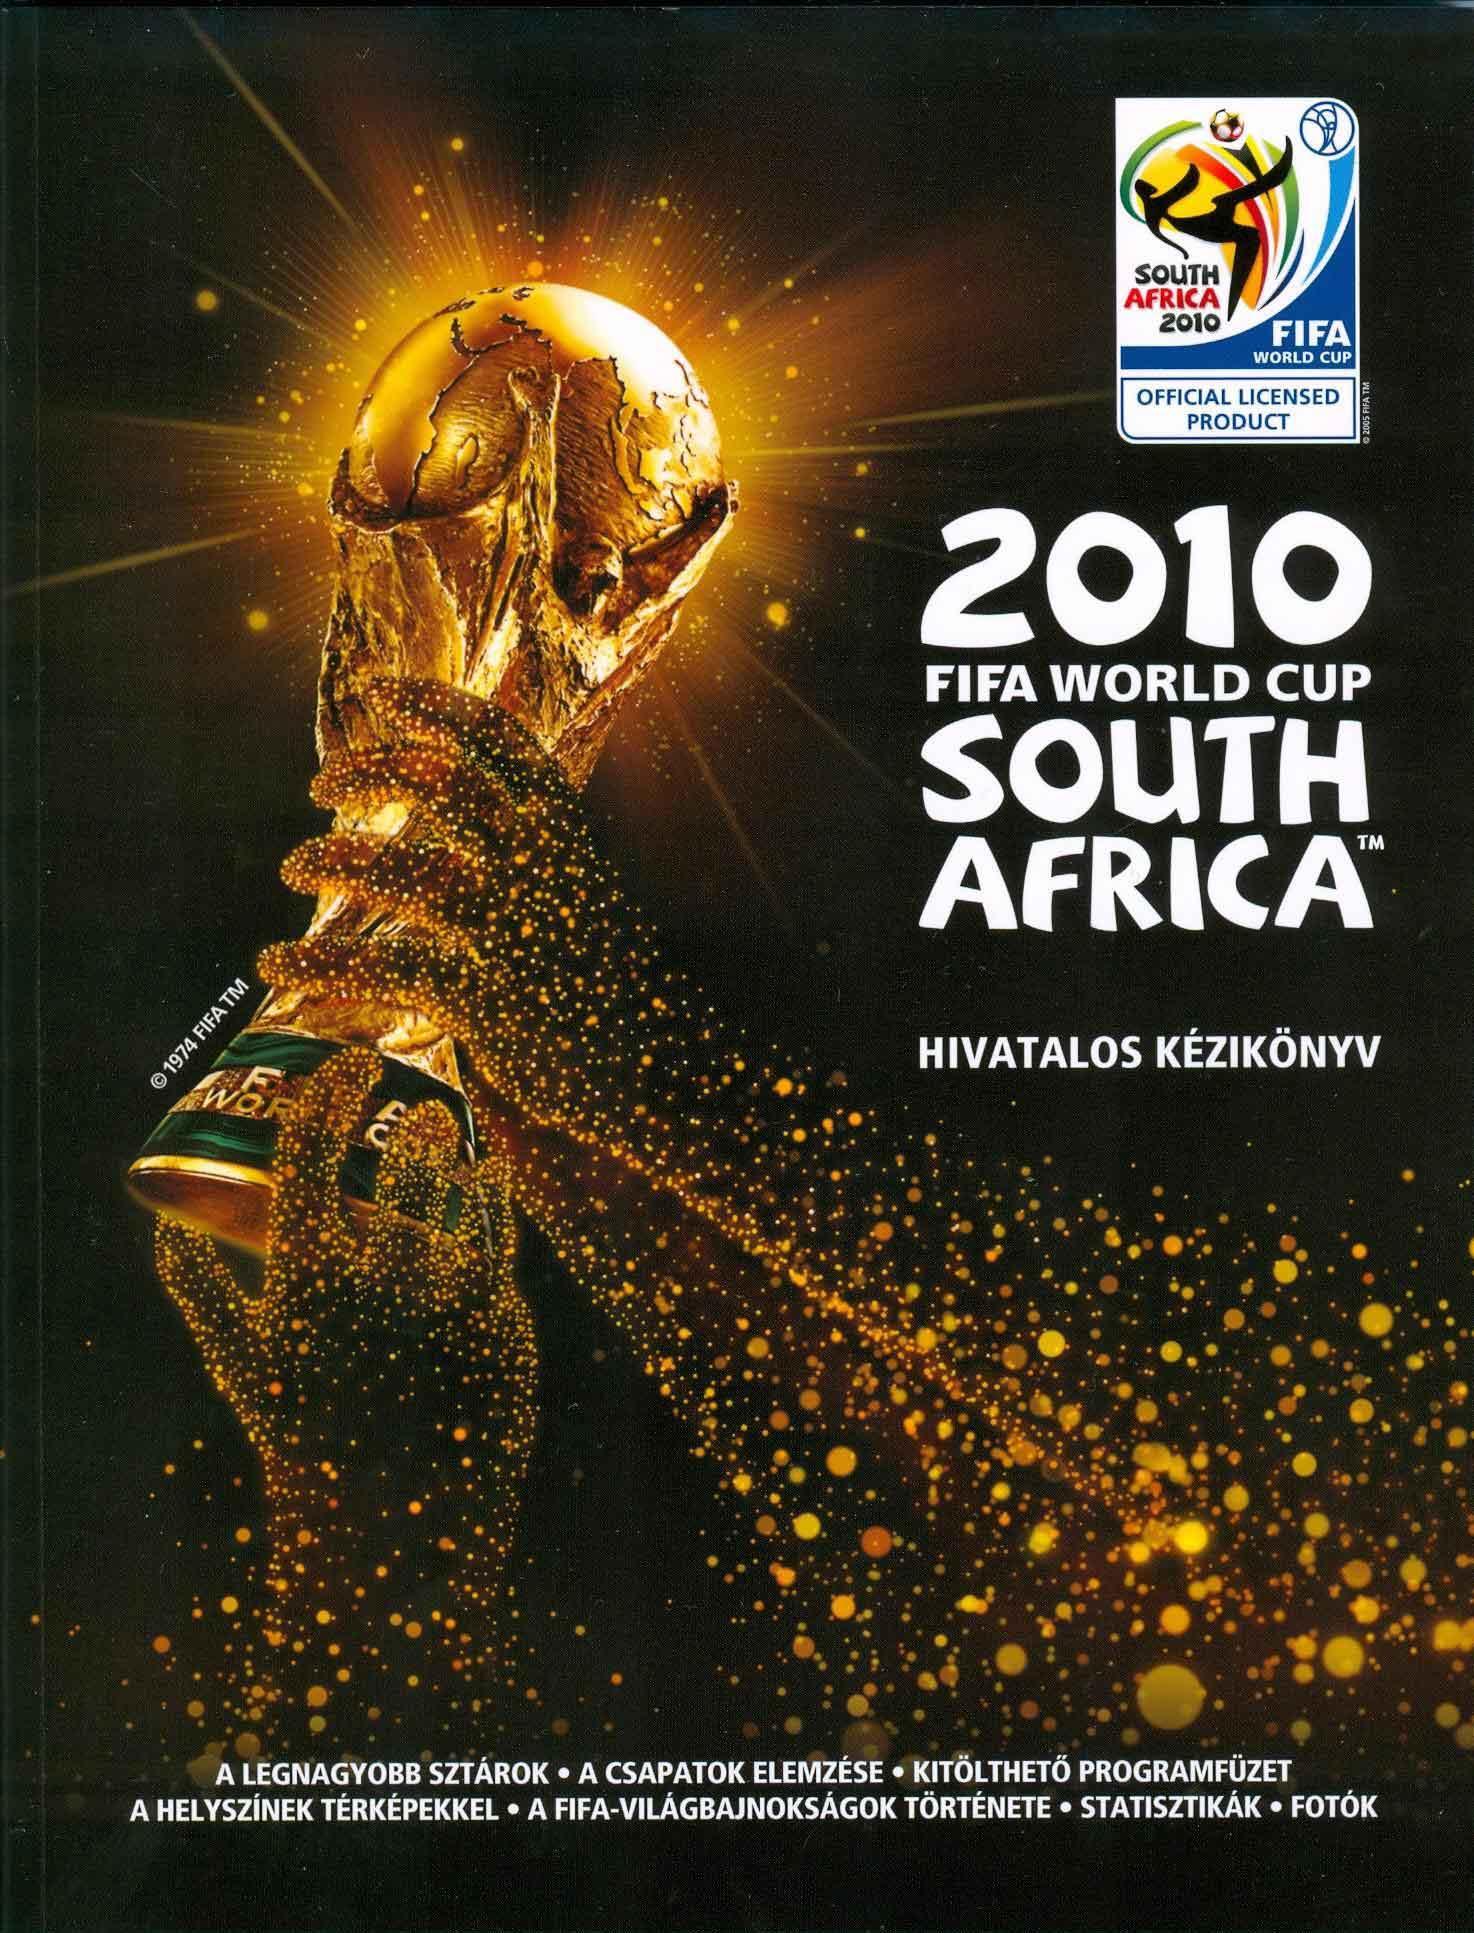 2010 FIFA WORLD CUP - SOUTH AFRICA - HIVATALOS KÉZIKÖNYV